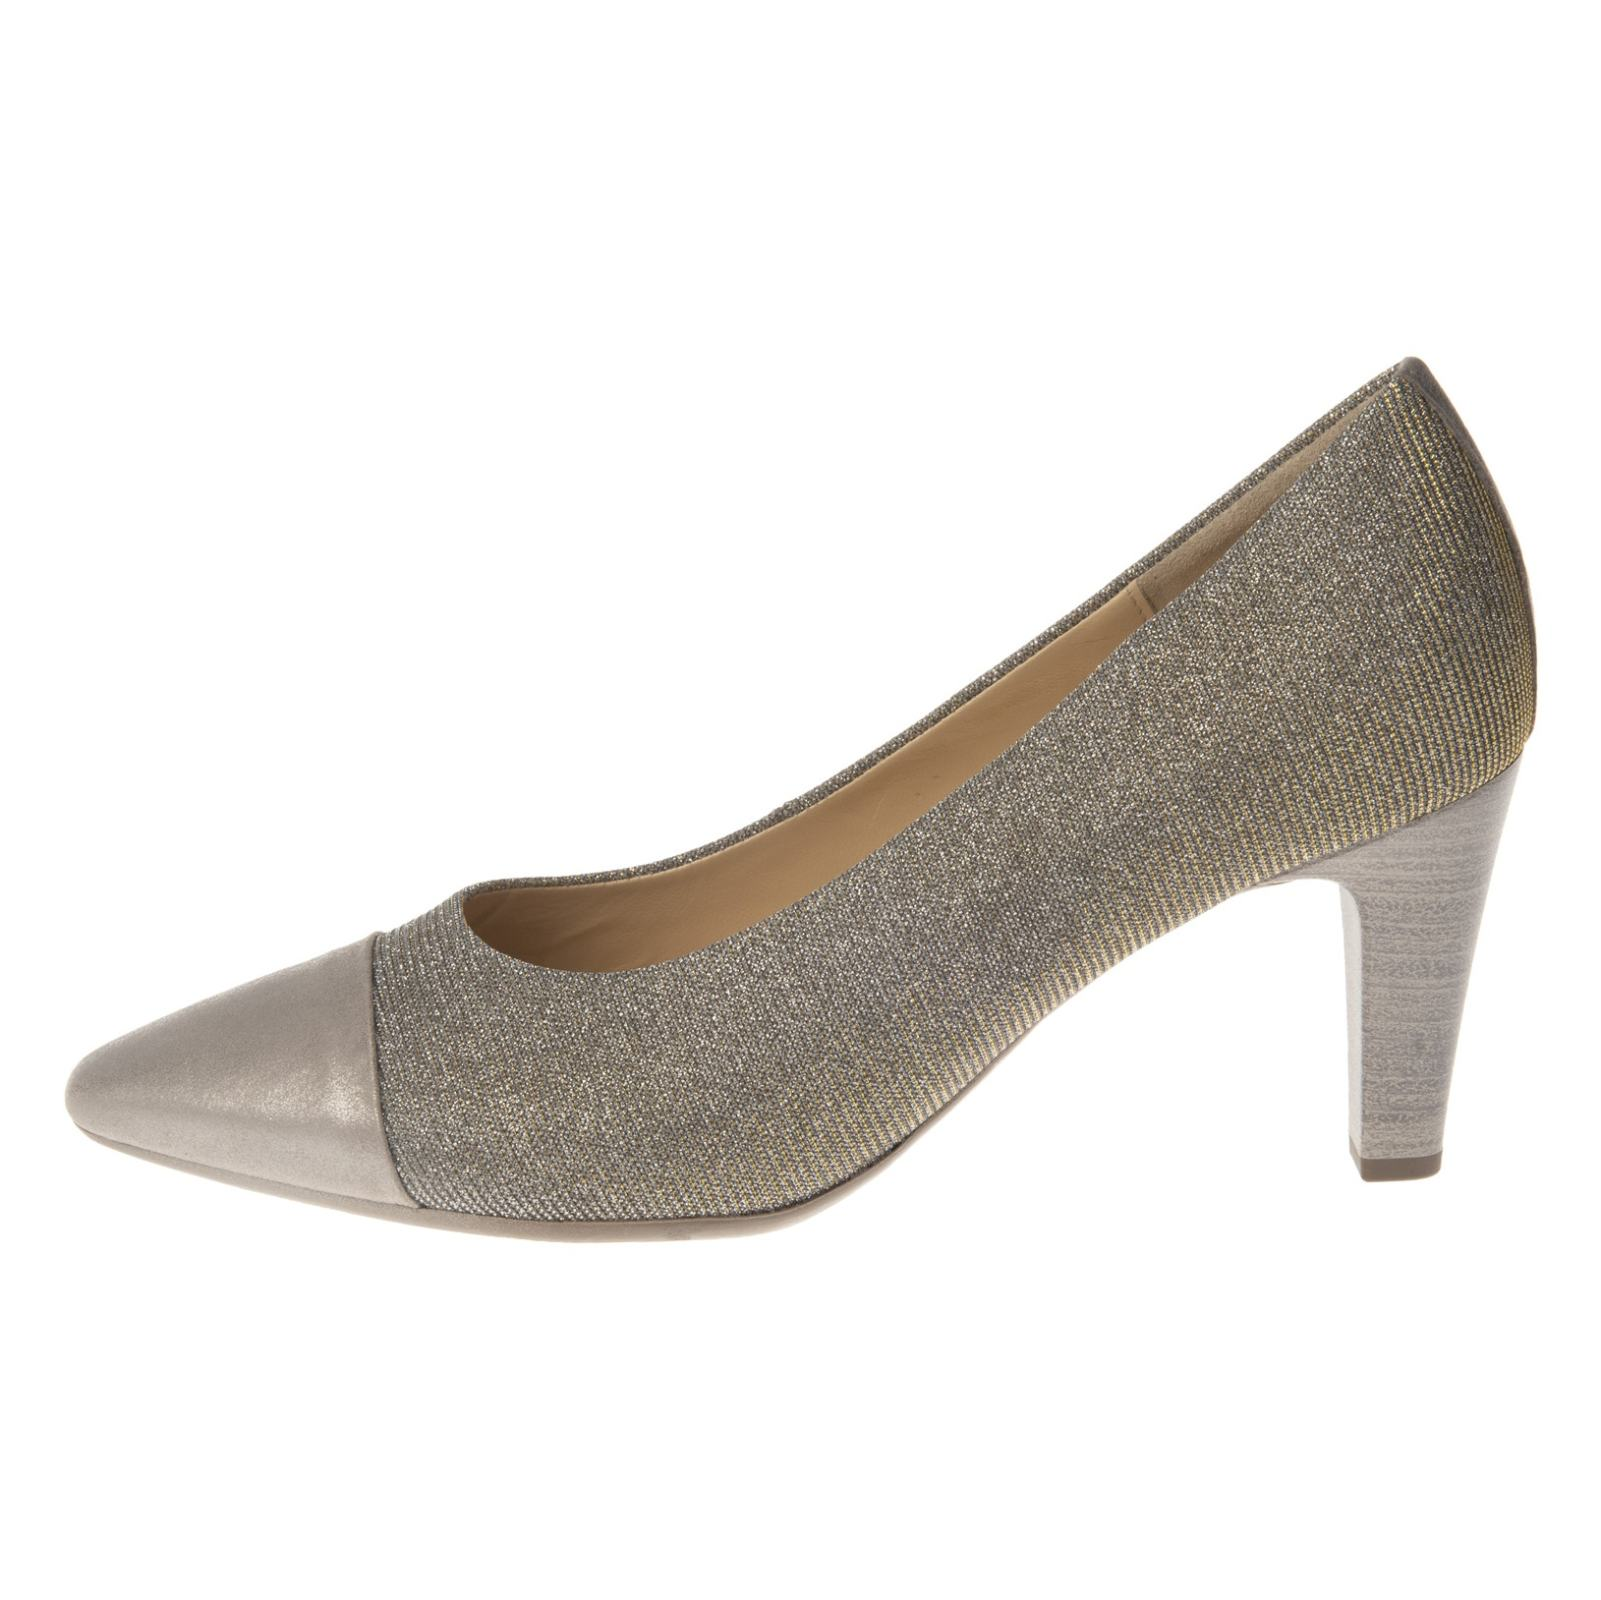 کفش زنانه گابور مدل 65.152.62 main 1 1